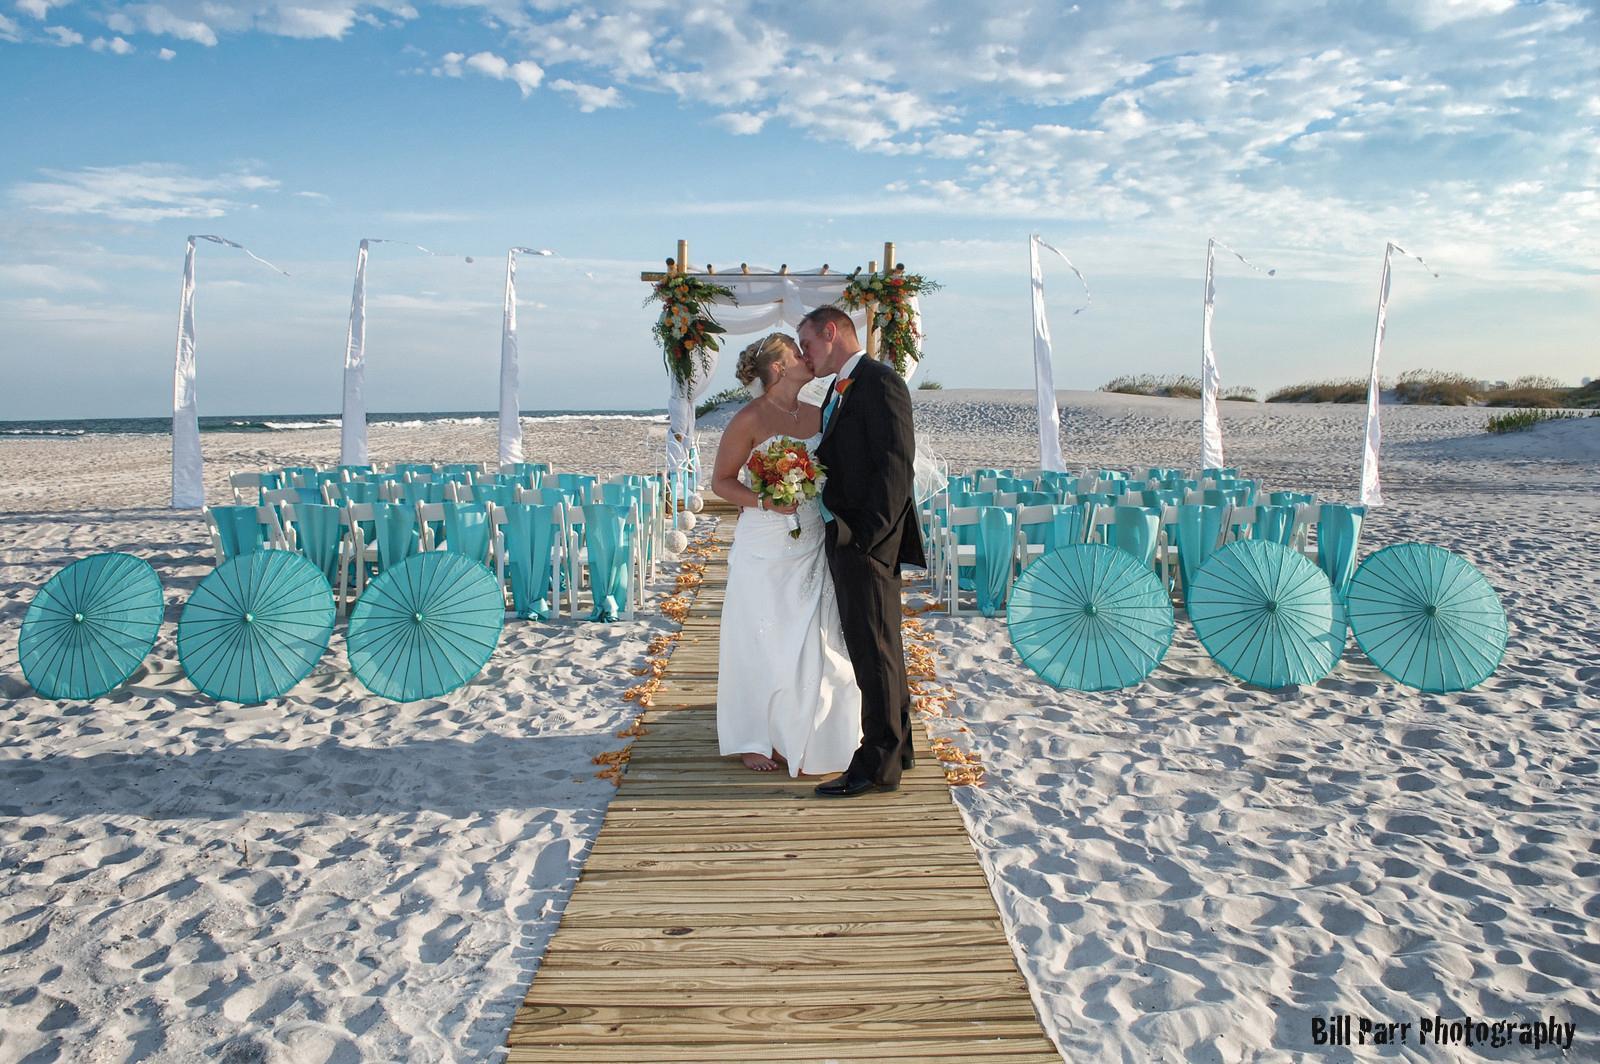 Beach wedding - Obrázok č. 25